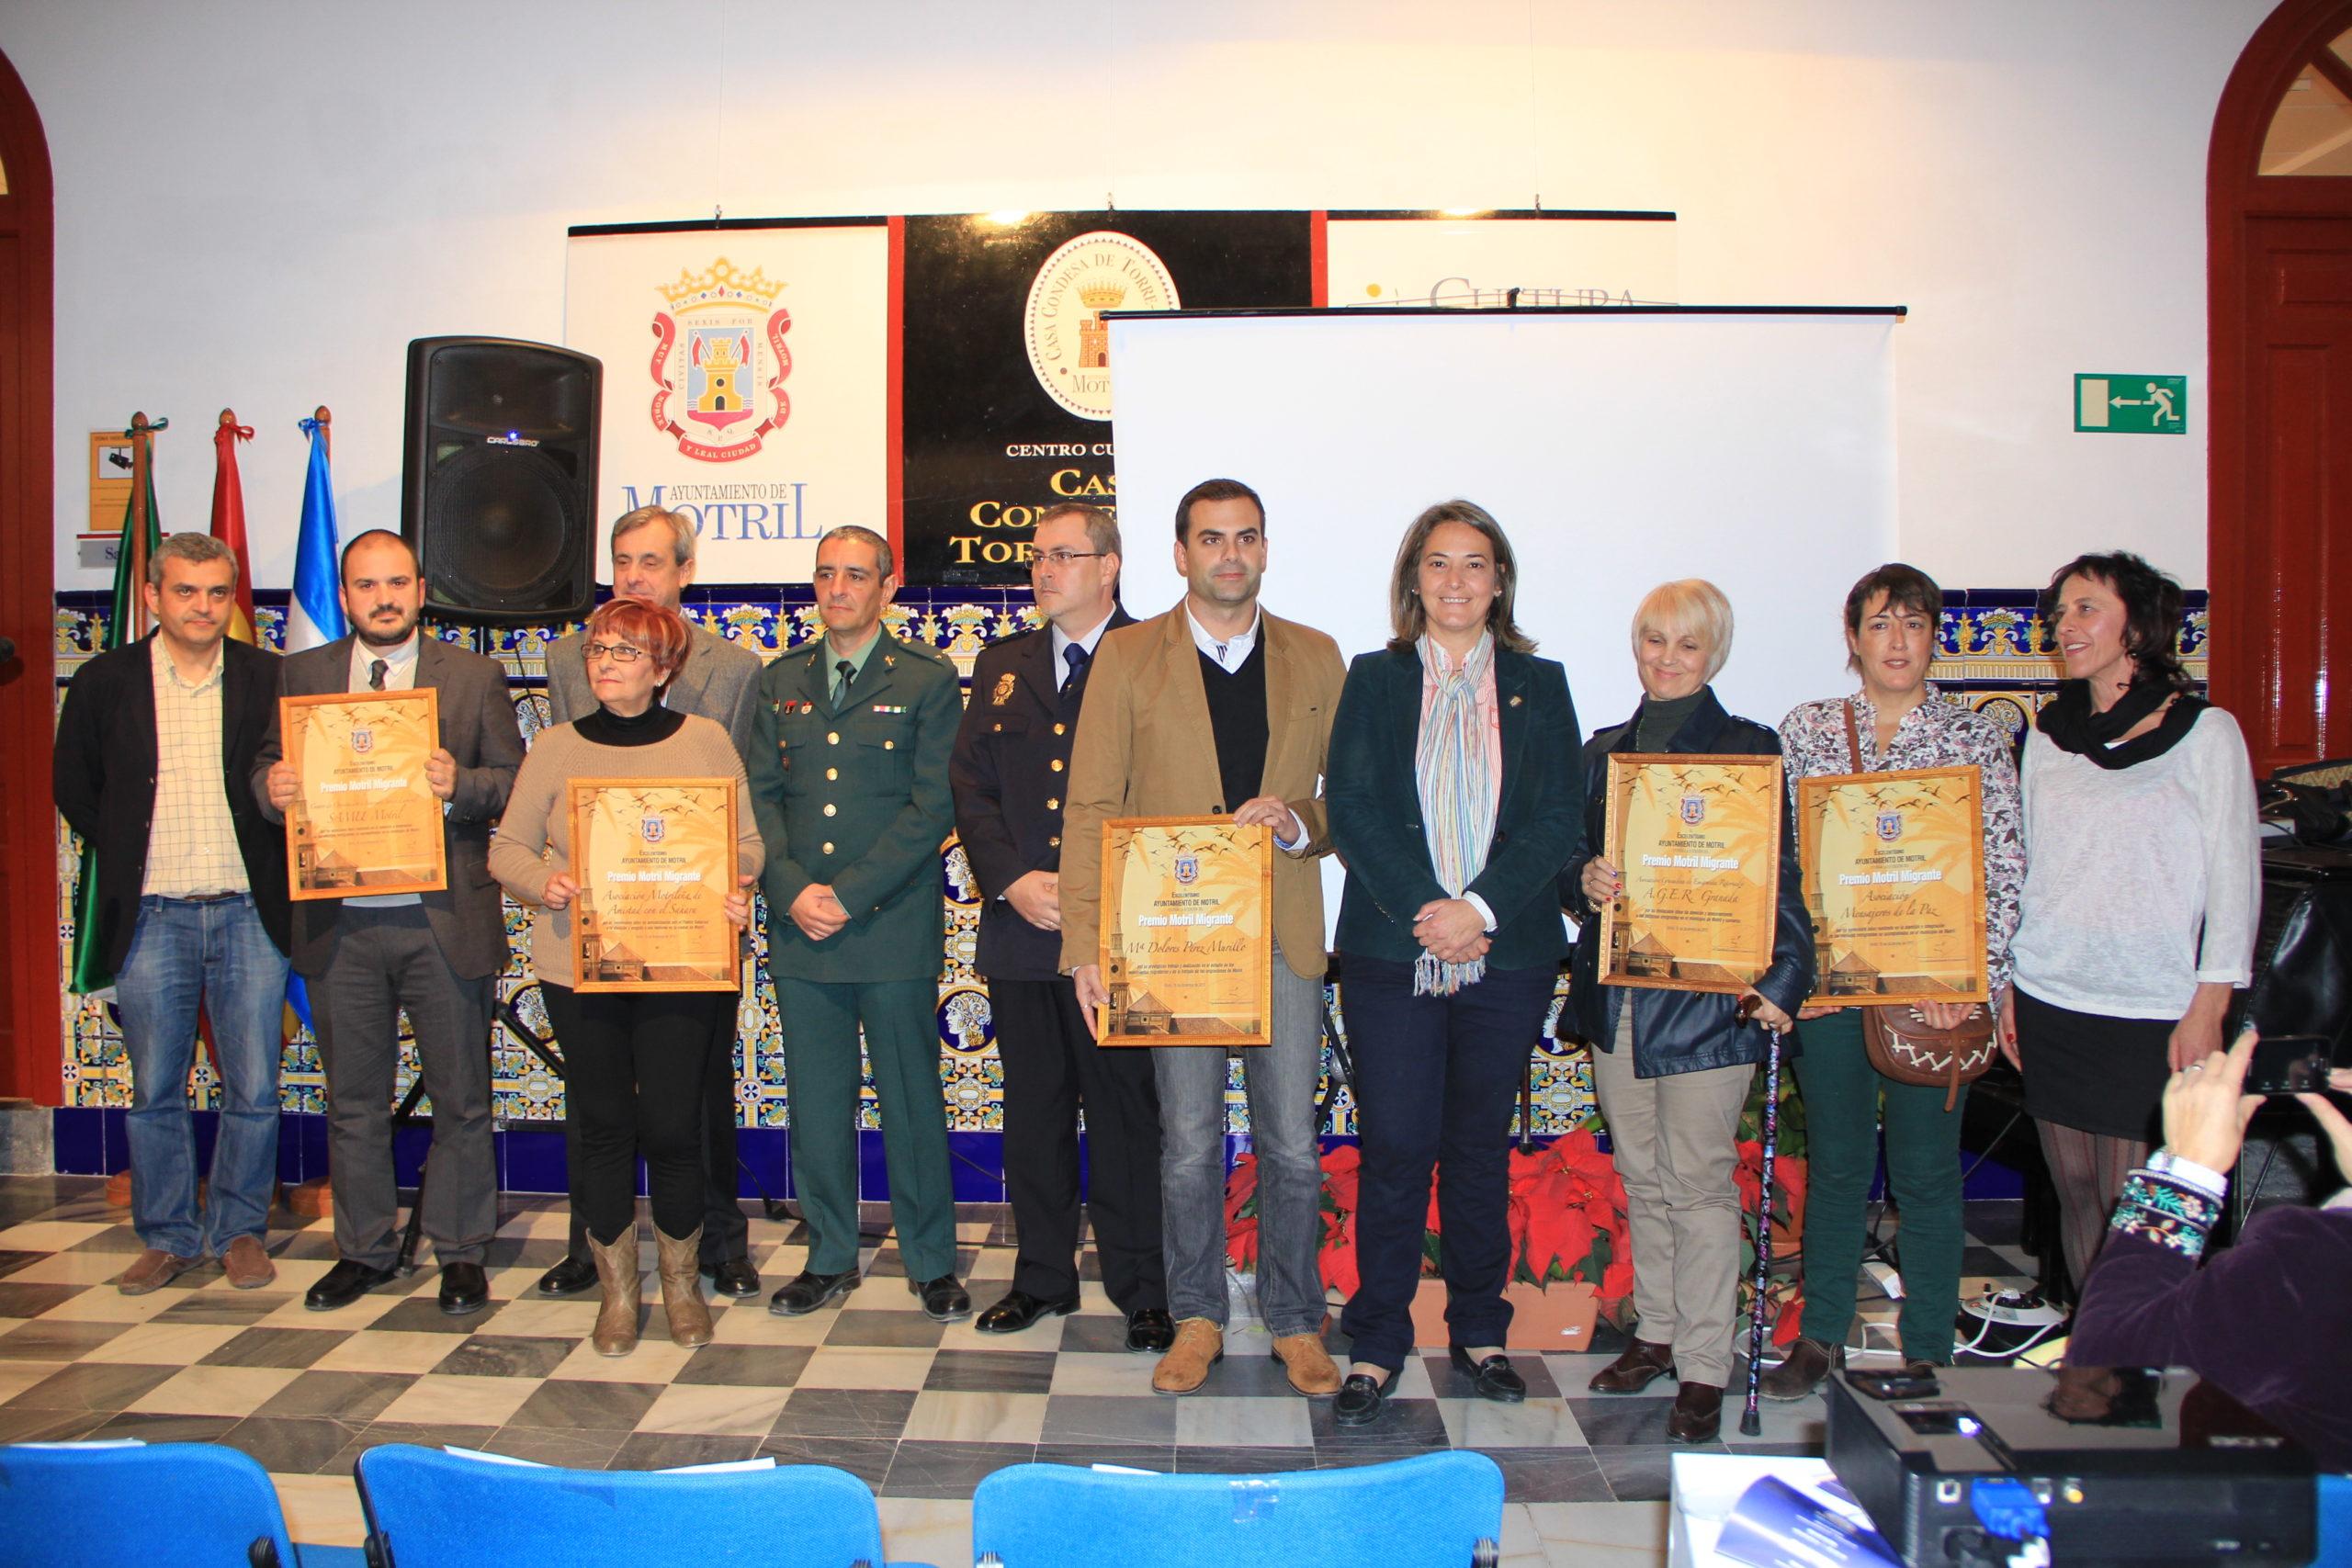 premios motril Migrante